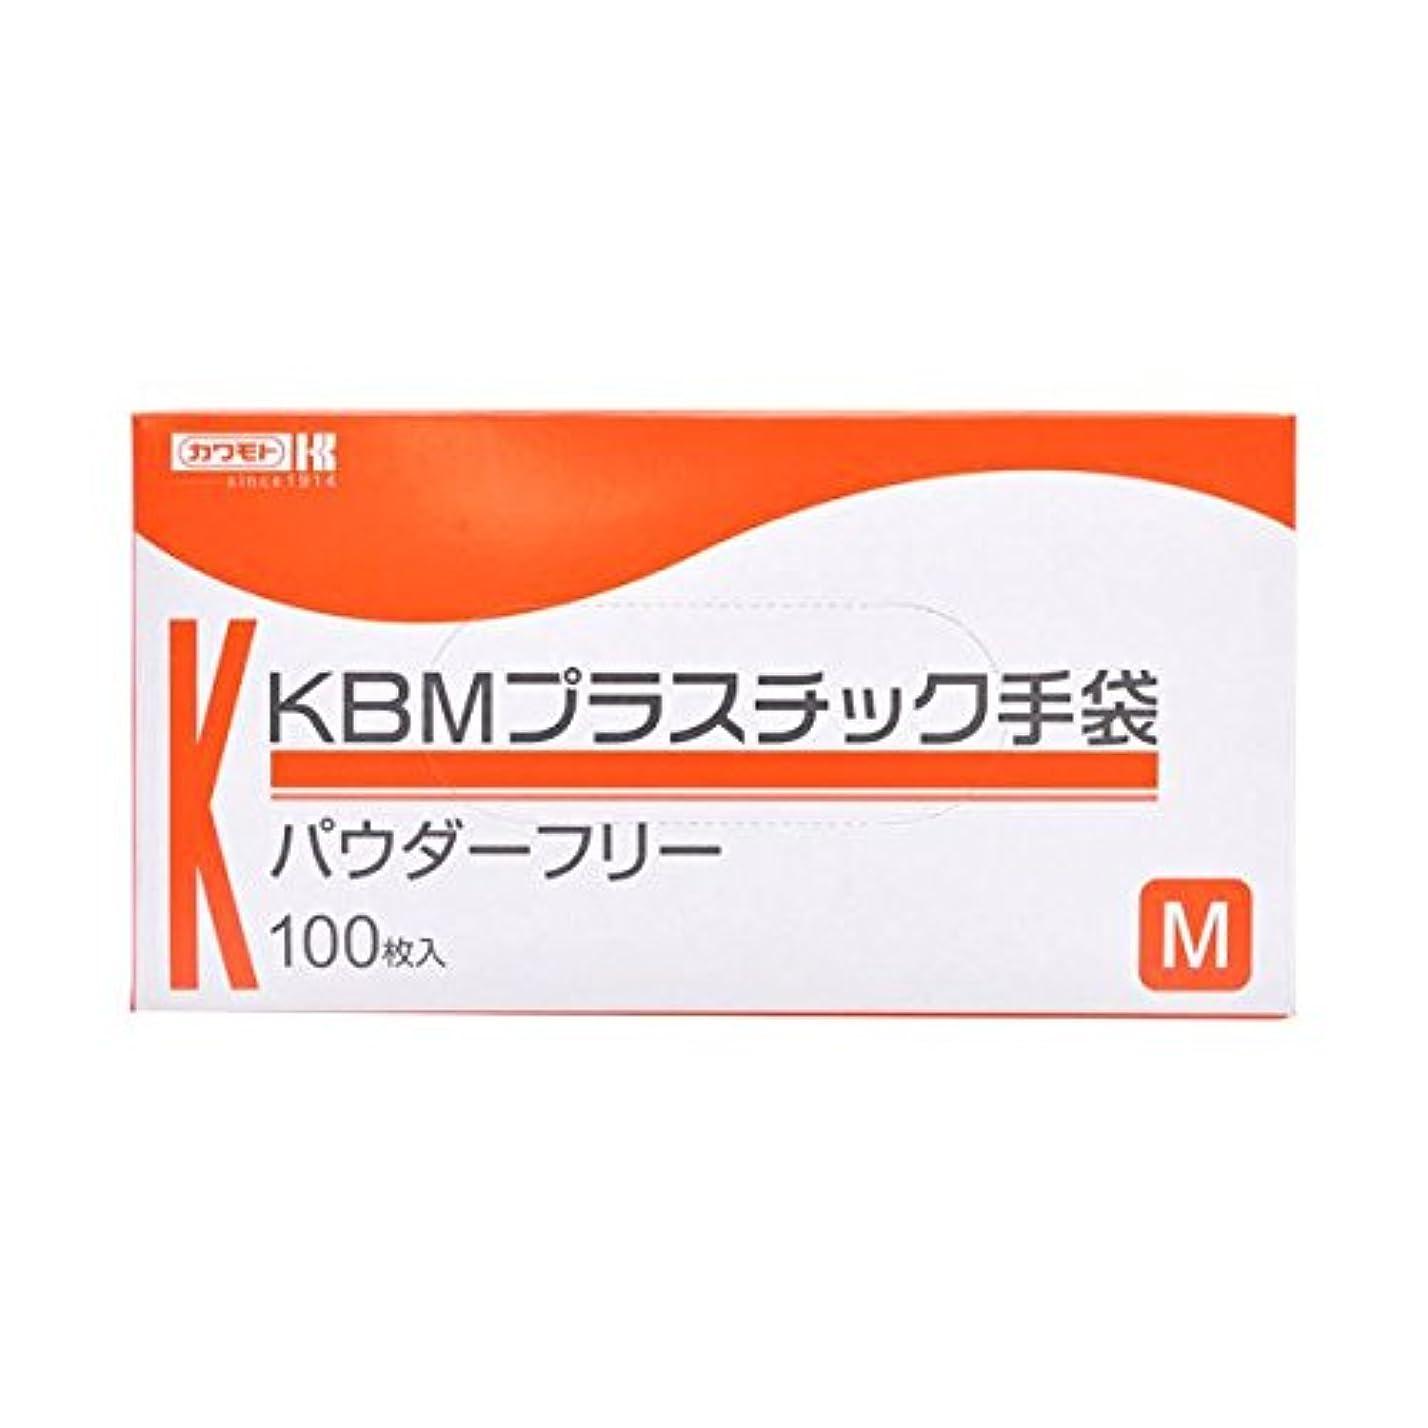 川本産業 KBMプラスチック手袋 パウダーフリー M 100枚入 ×3個